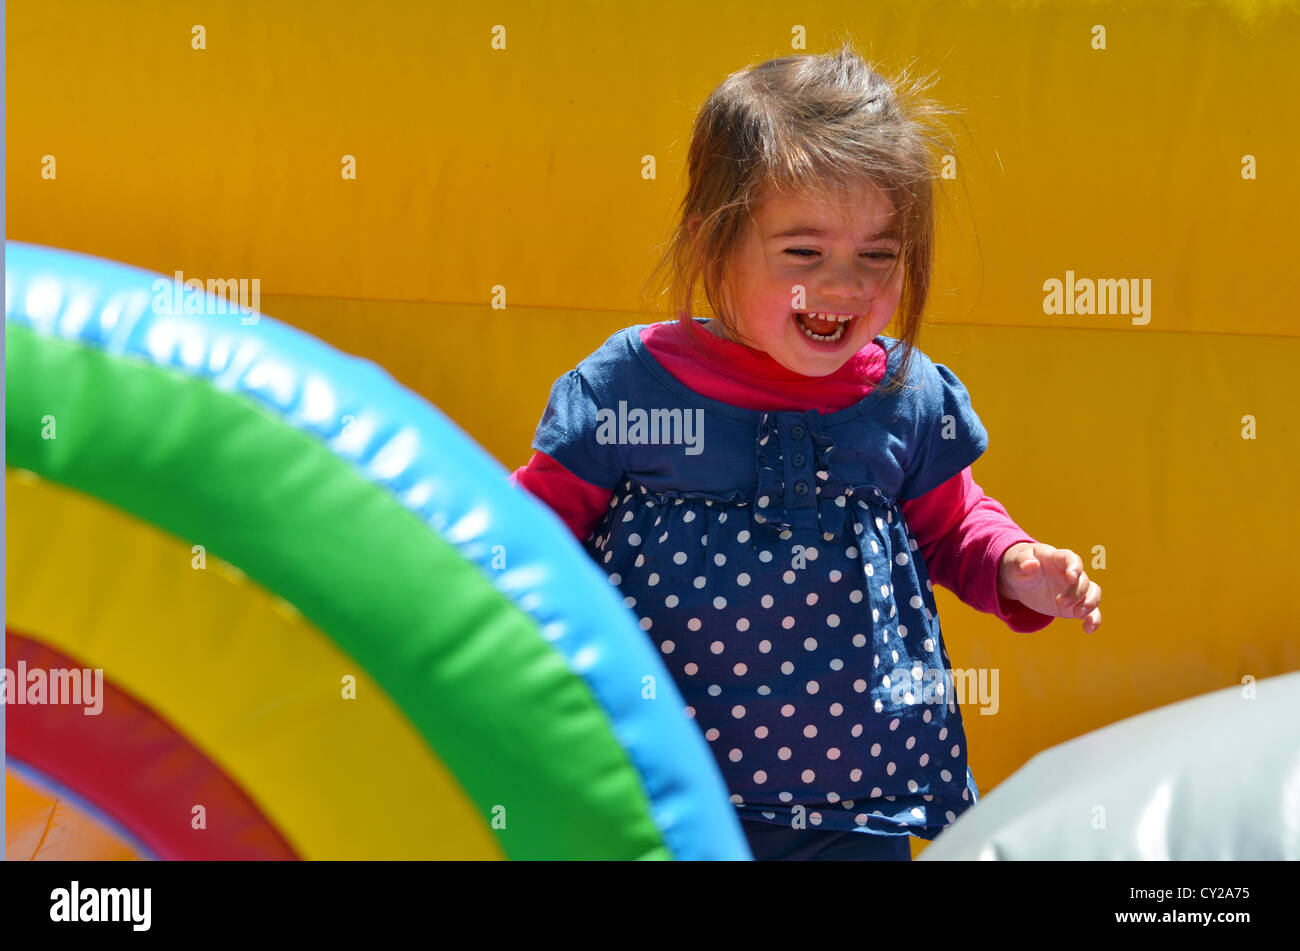 Bambino felice ragazzina salta su di un bambini bouncy